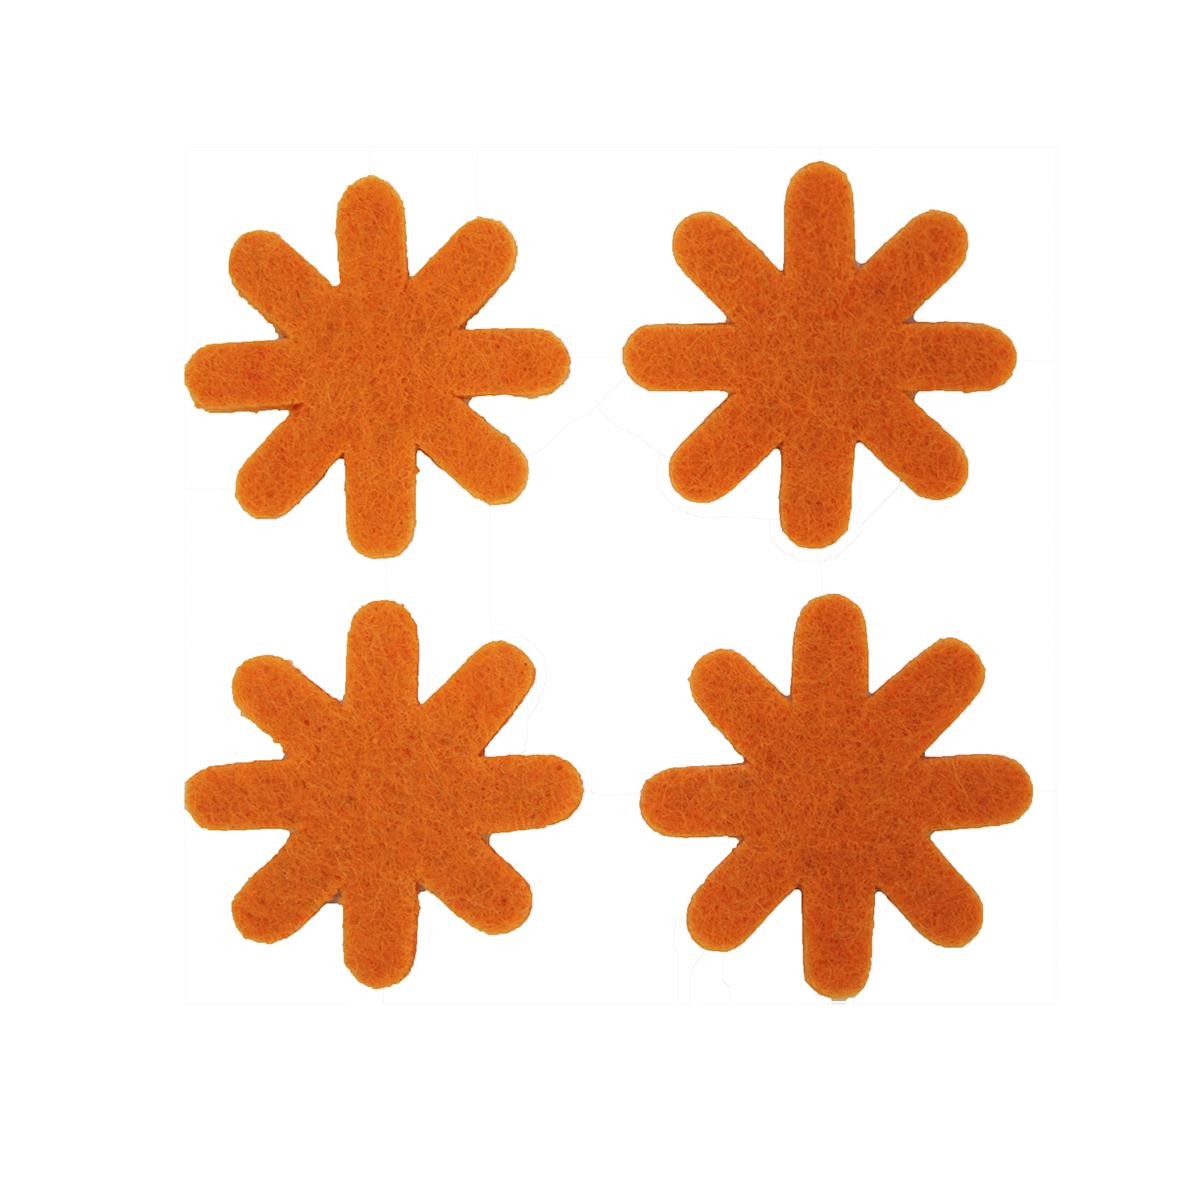 Цветок из фетра Glorex, цвет: оранжевый, 3 см, 12 шт318793